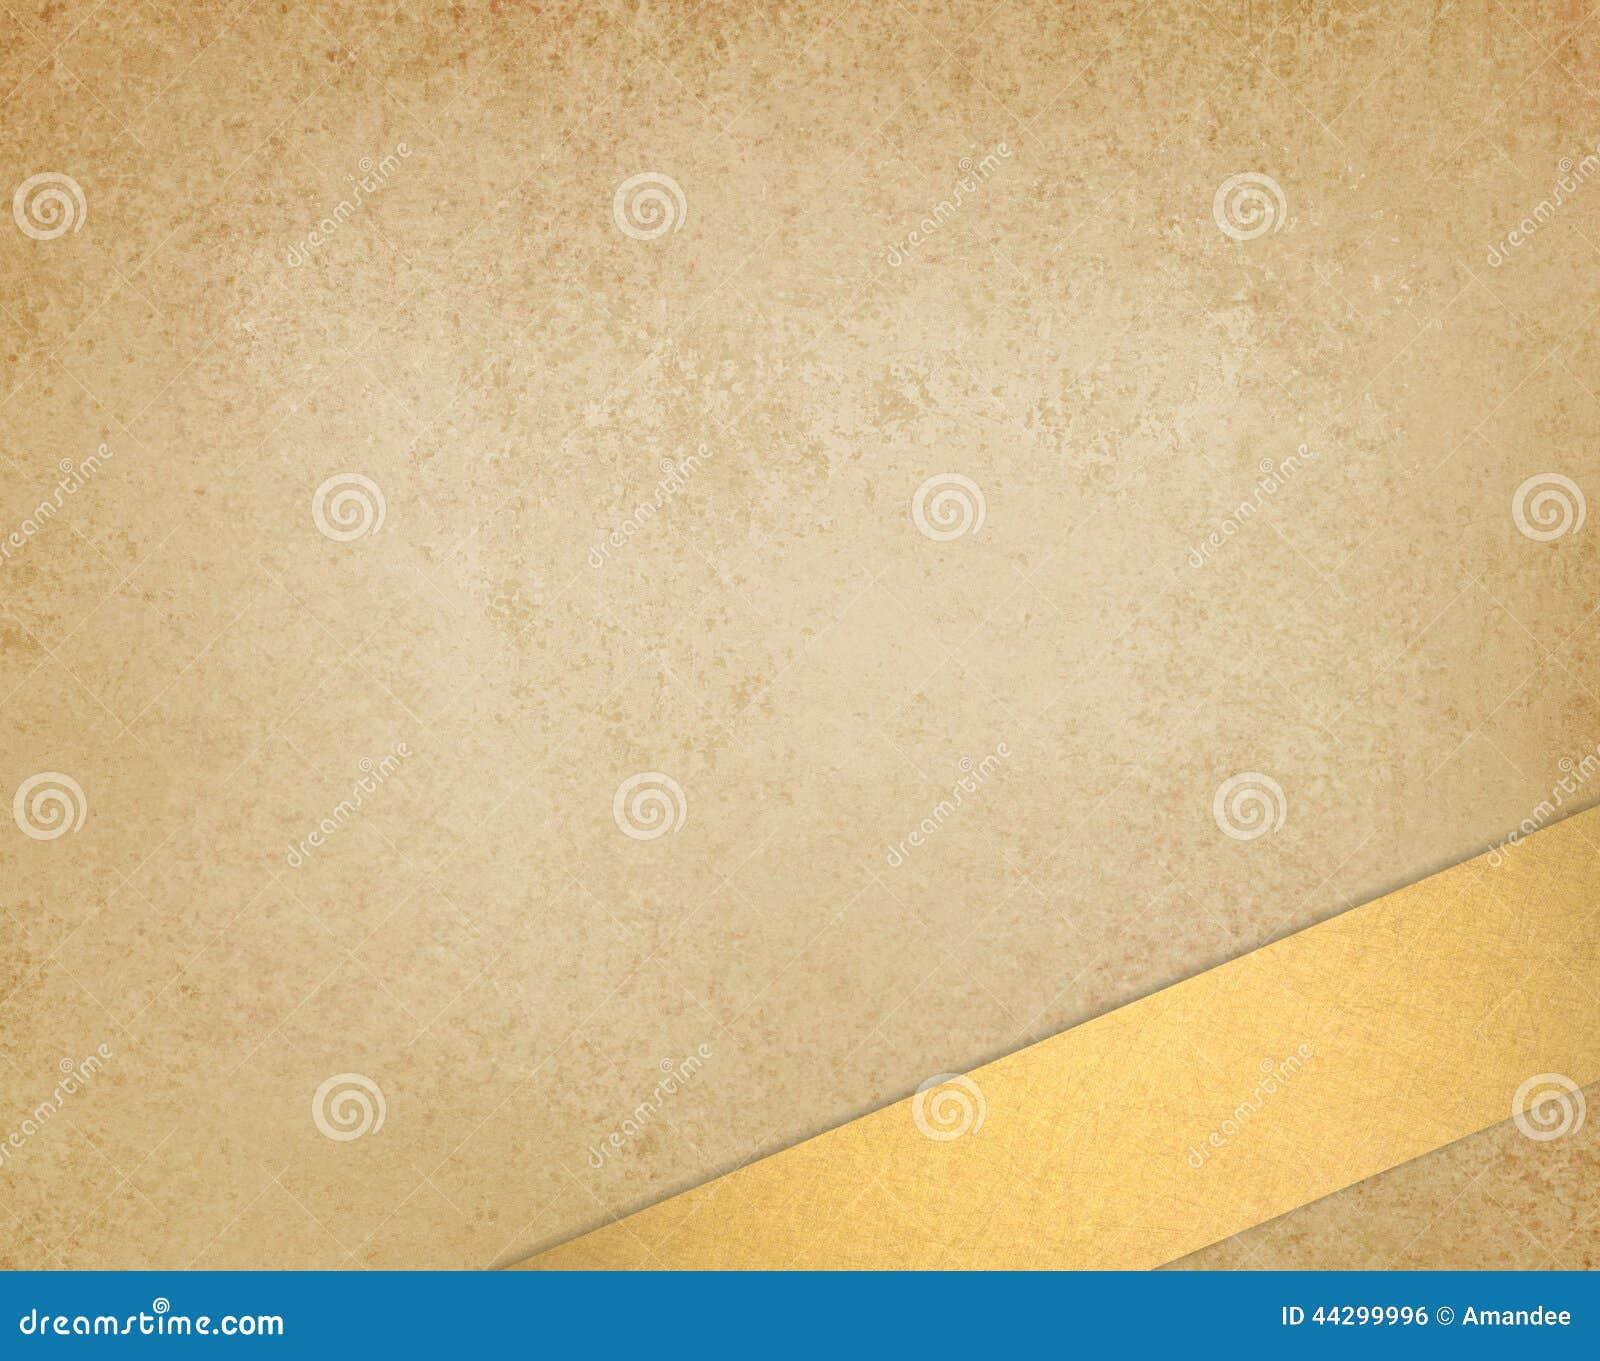 La textura marrón o beige del oro ligero el oro del vintage del documento de información y pescaron la raya de la cinta con caña